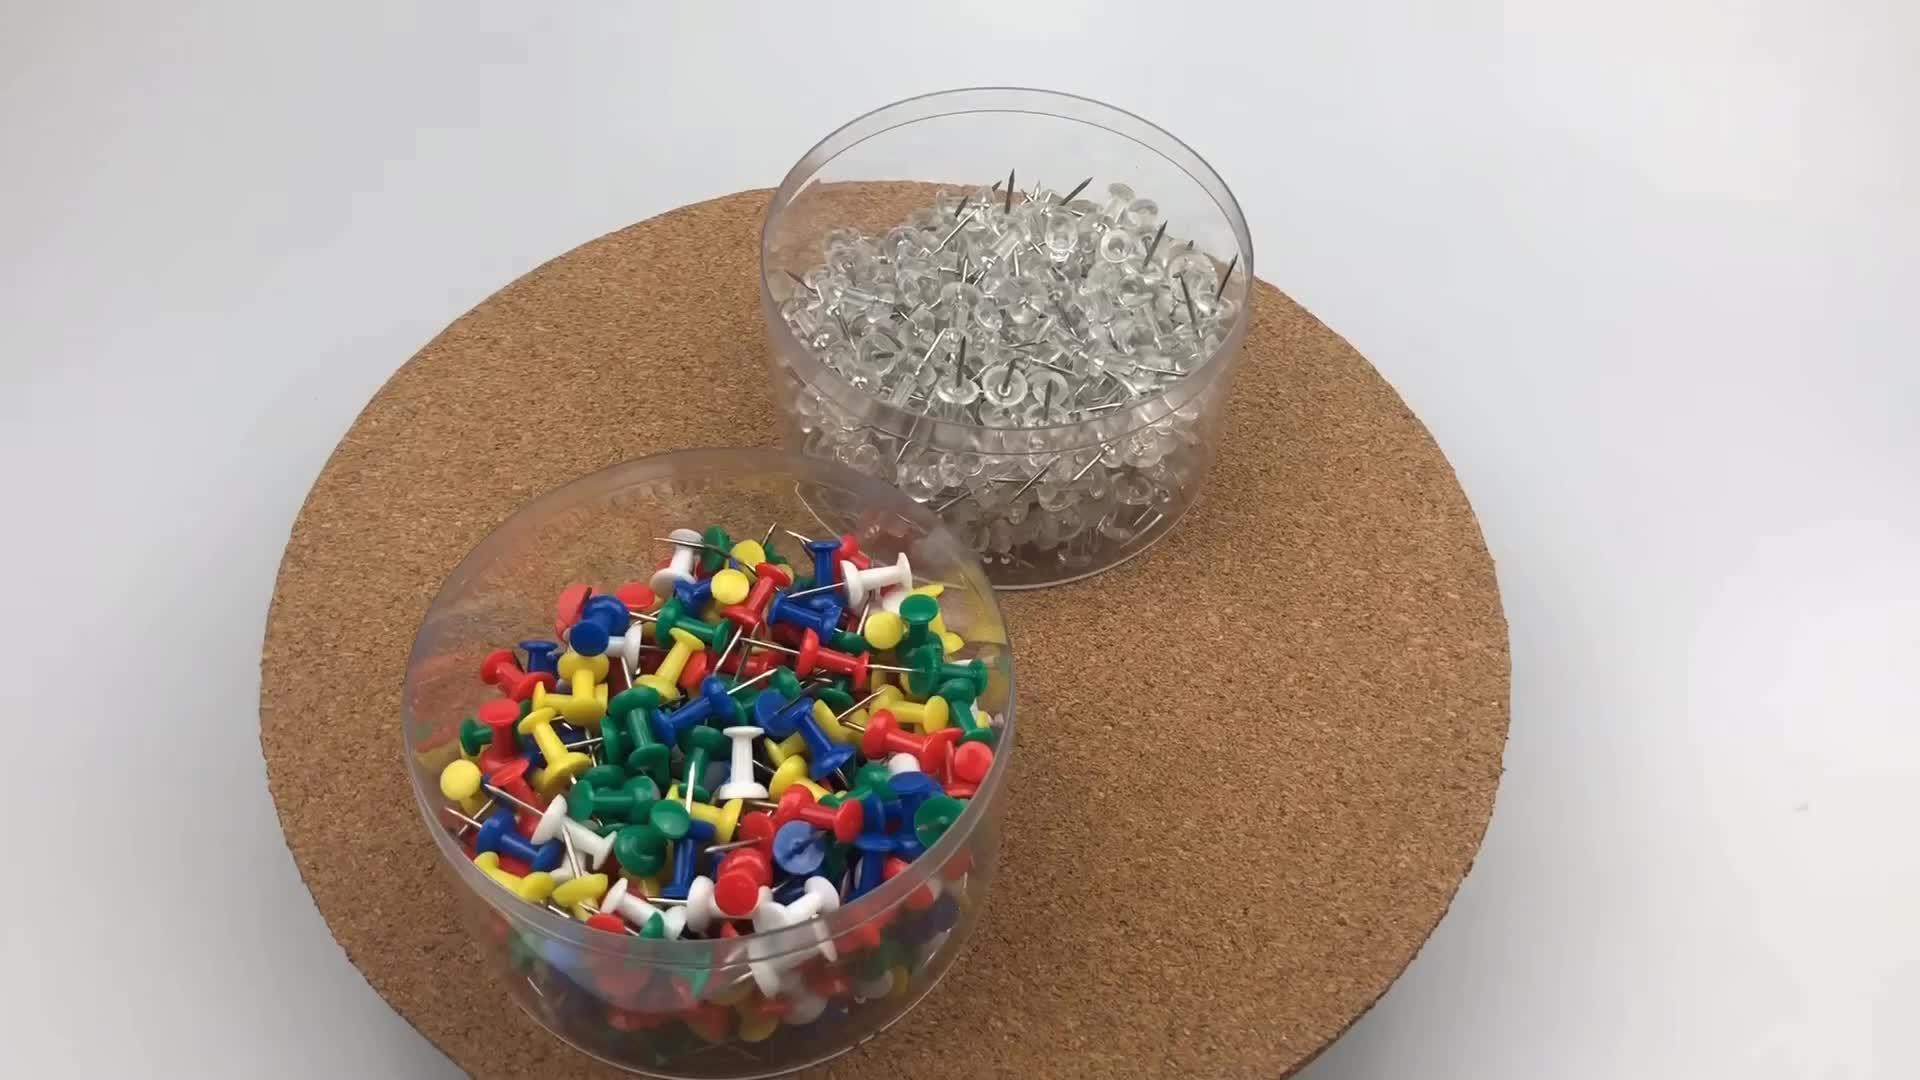 מגוון צבעים פלסטיק ראש פלדה נקודת 300 Count אמבטיה ארוז לדחוף פין סט